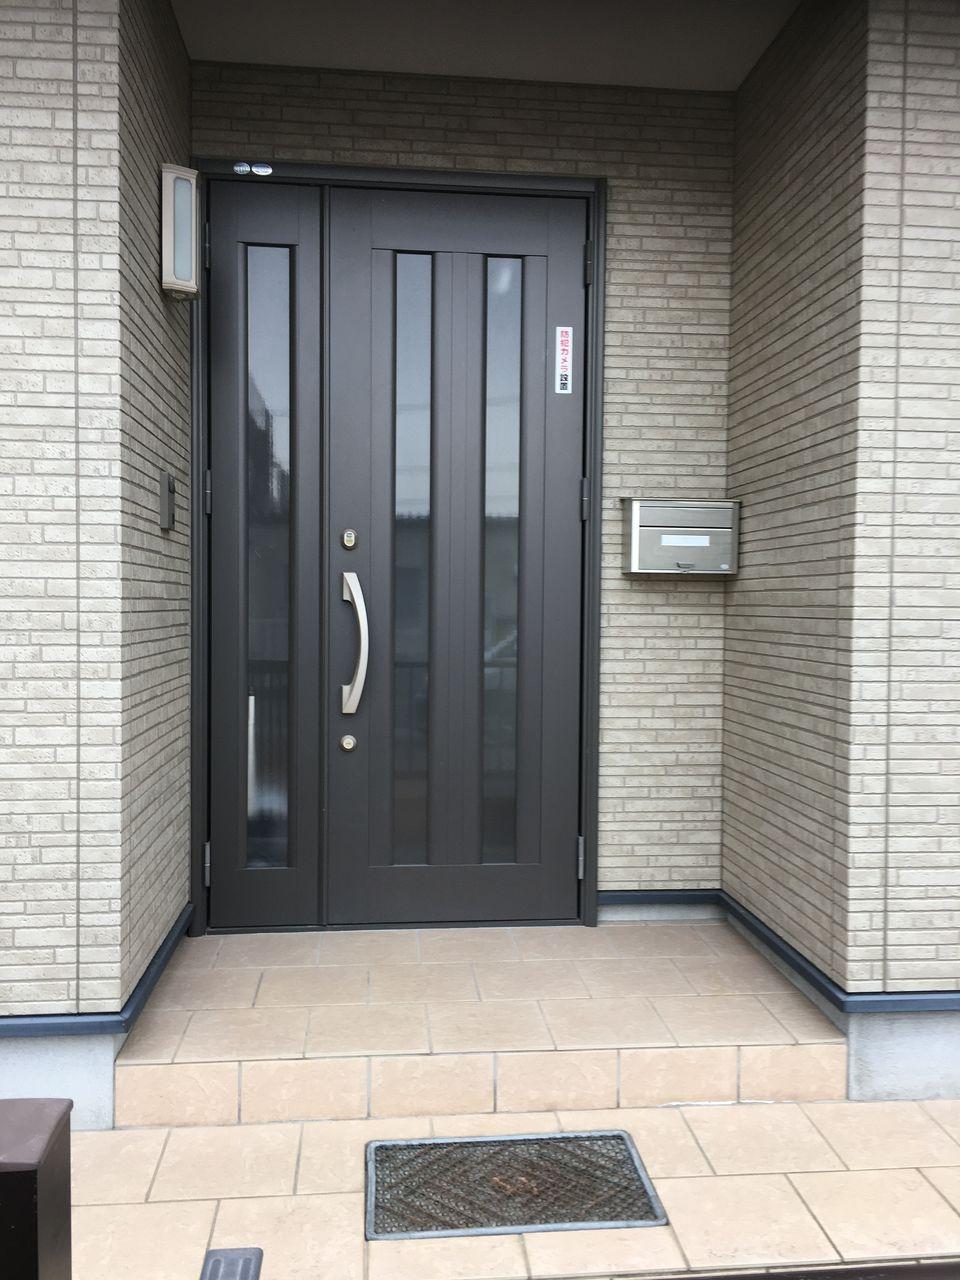 熊本市東区桜木の戸建住宅です。南向きの明るくて広い玄関